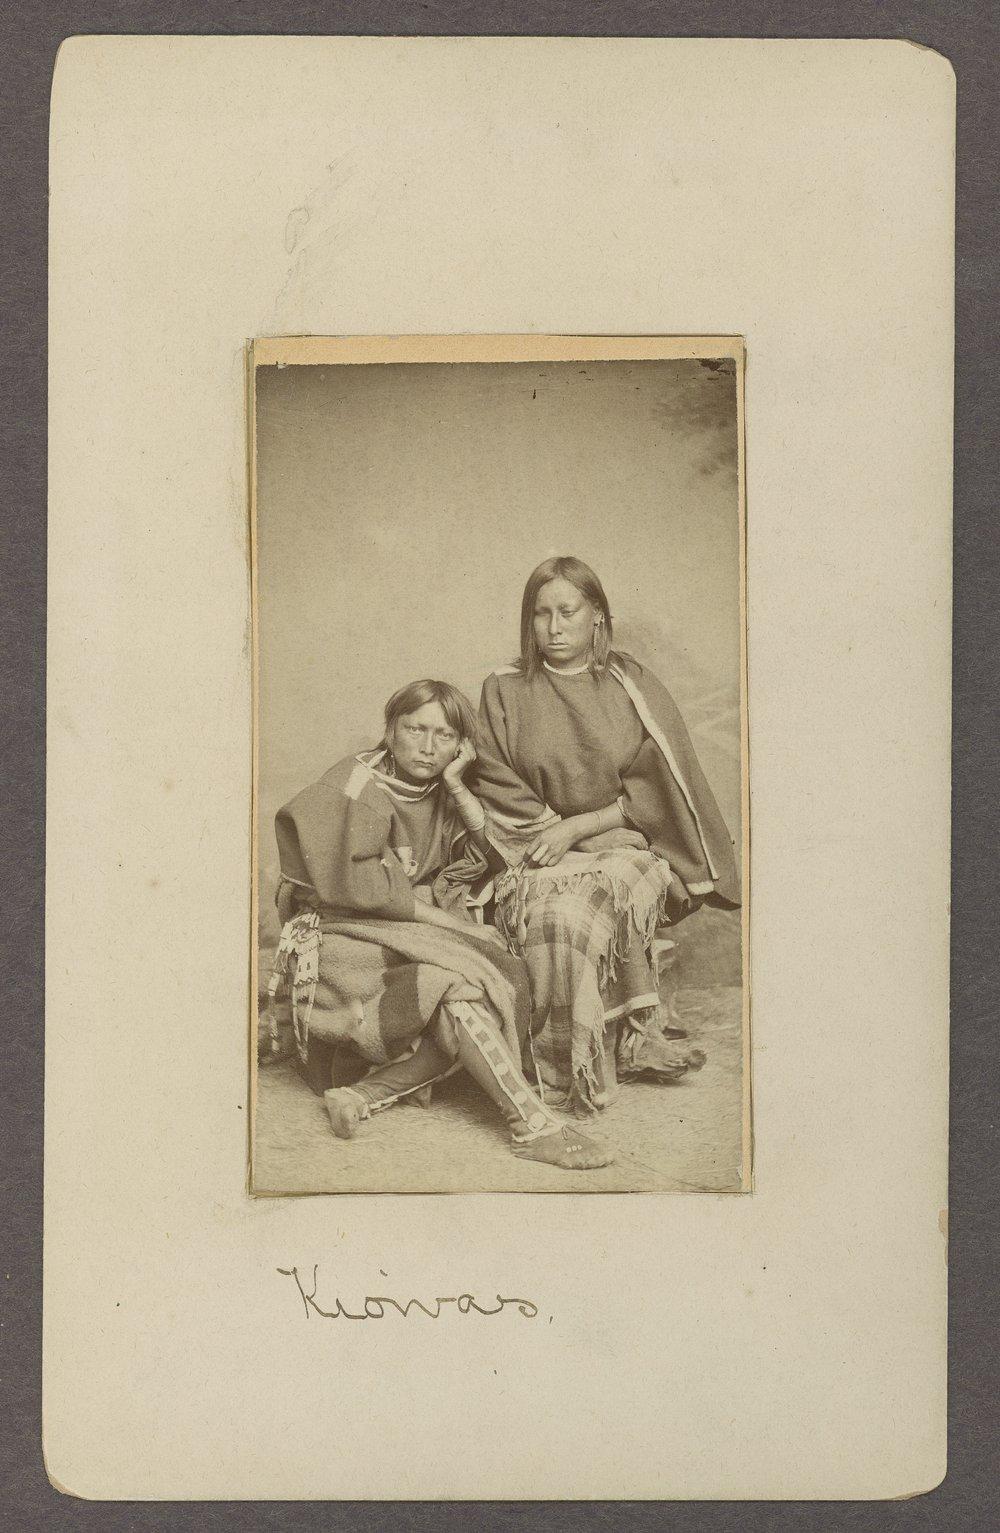 Two Kiowa women in Indian Territory - 1